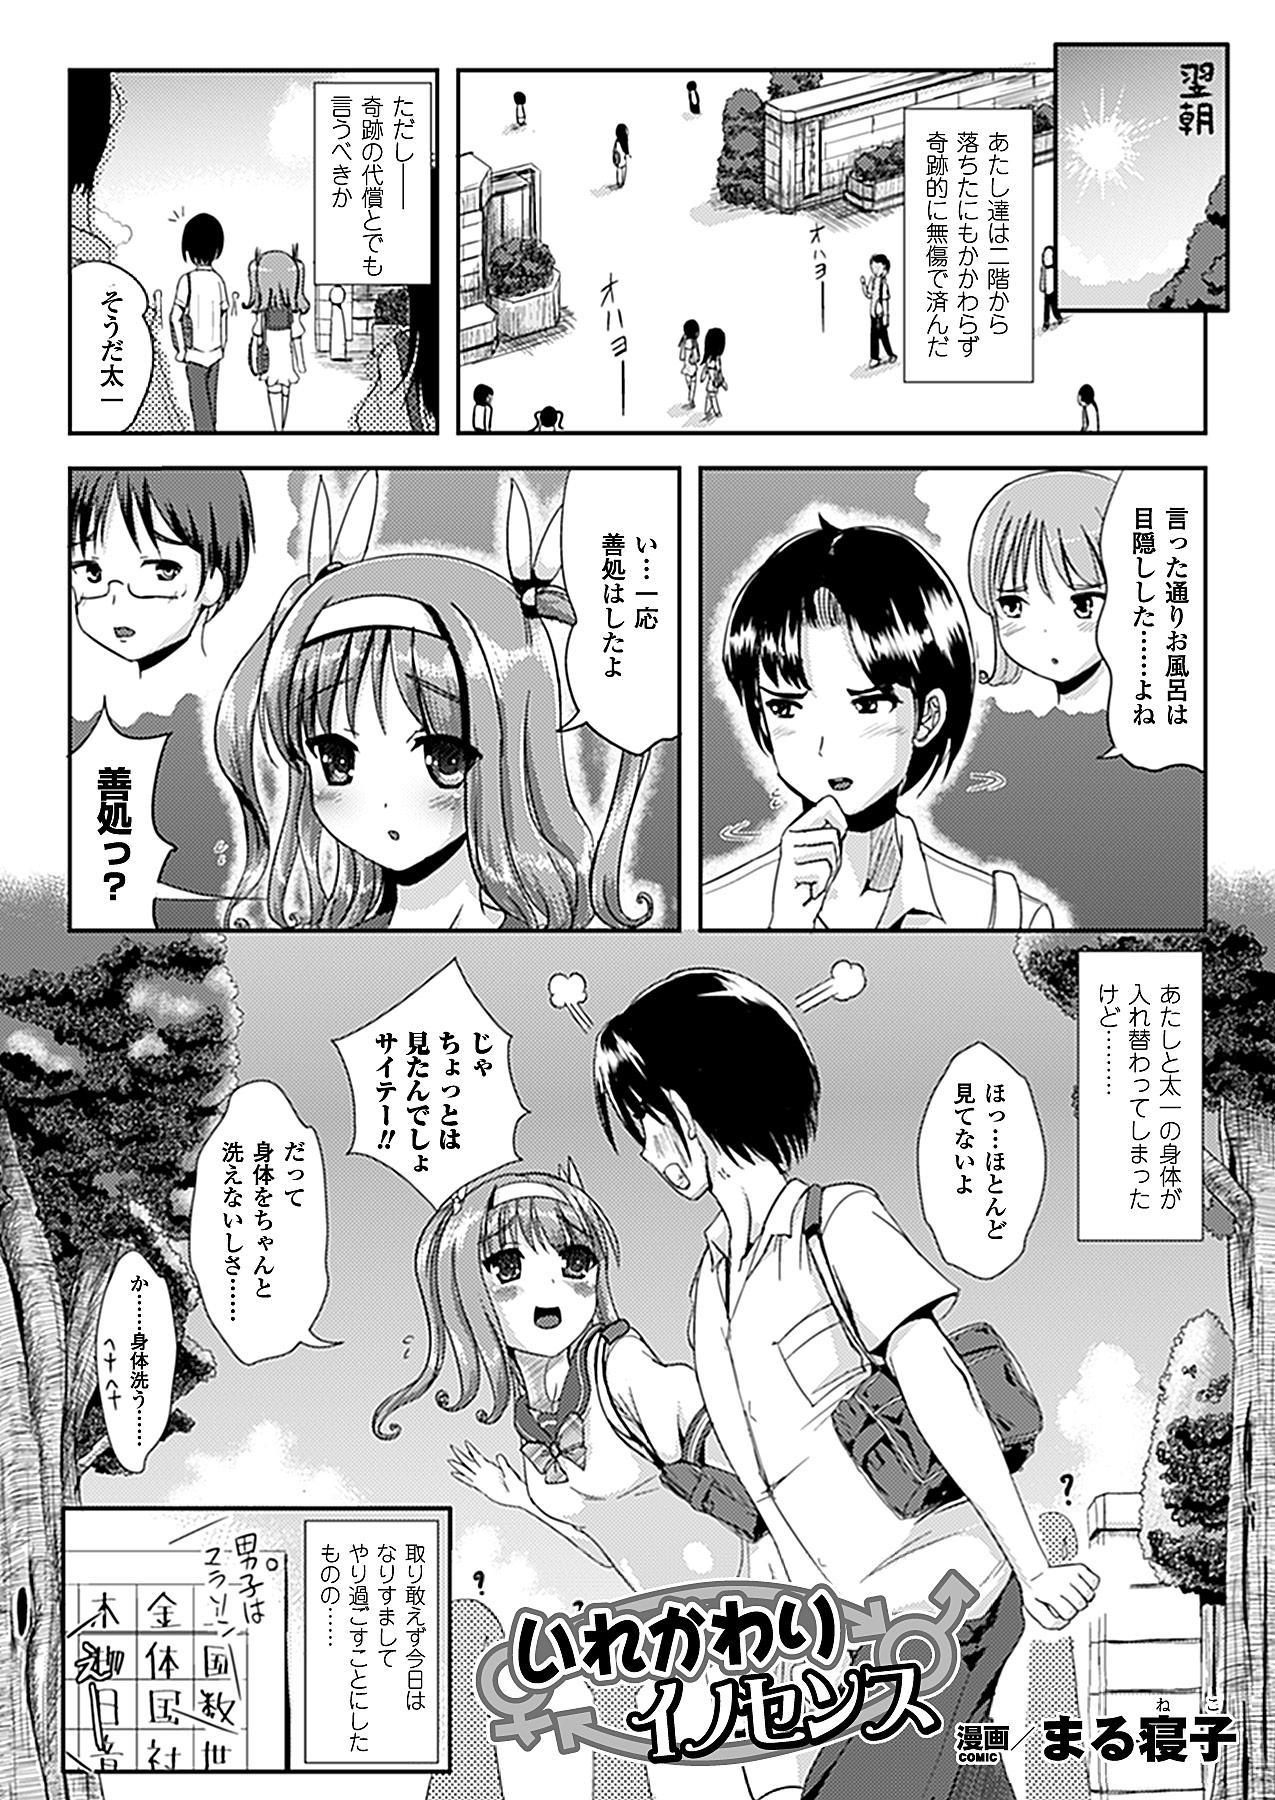 COMIC Unreal 2011-10 Vol.33 309